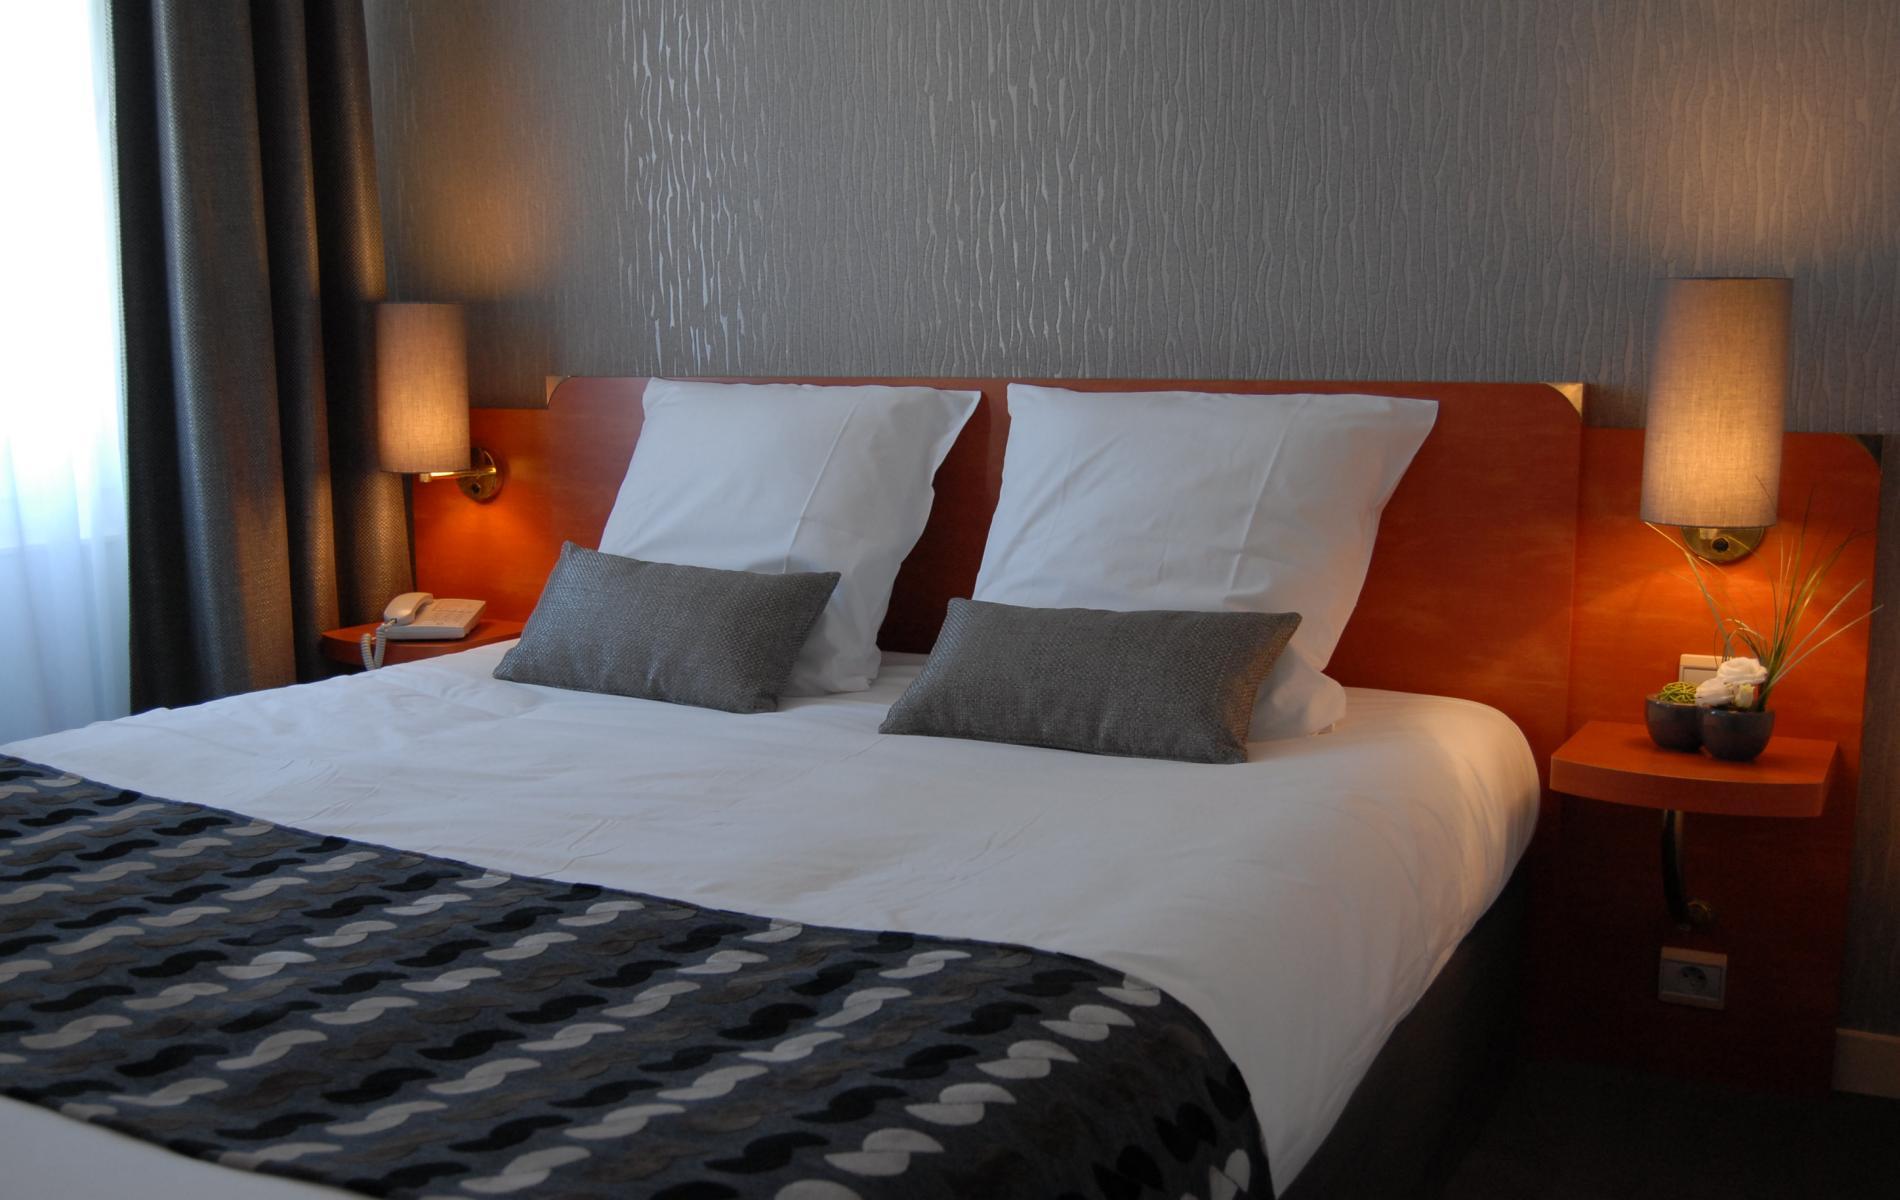 Hôtel de charme de 10 chambres proche de Saumur